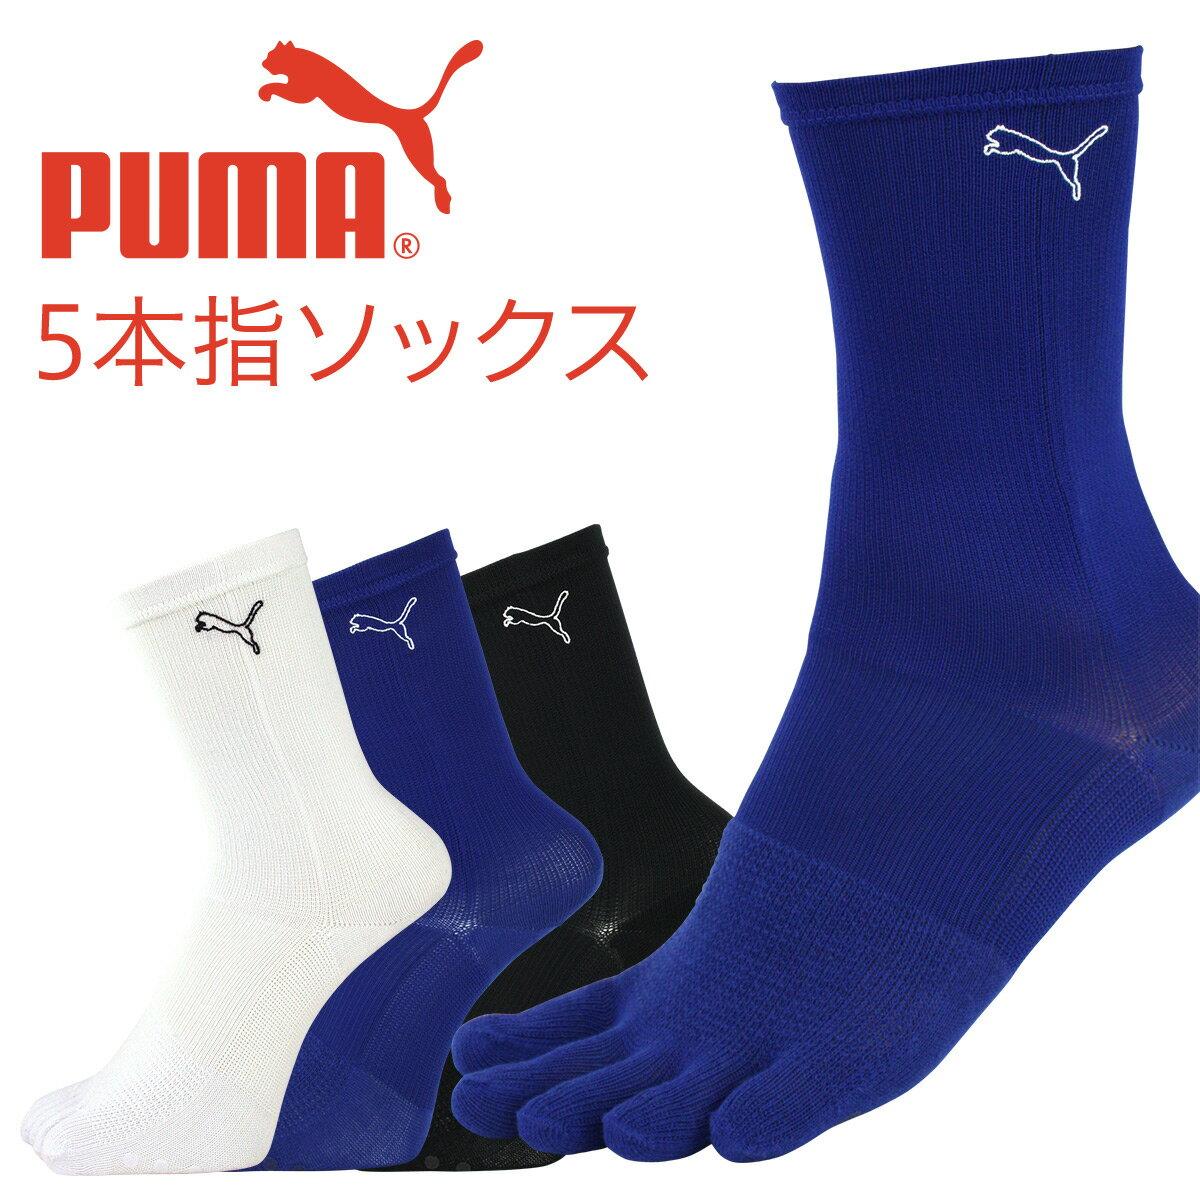 【送料無料】PUMA ( プーマ ) メンズ 5本指・アーチフィットサポート マラソン クルー丈 日本製 ソックス男性 メンズ プレゼント 贈答 ギフト 2822-227ポイント10倍